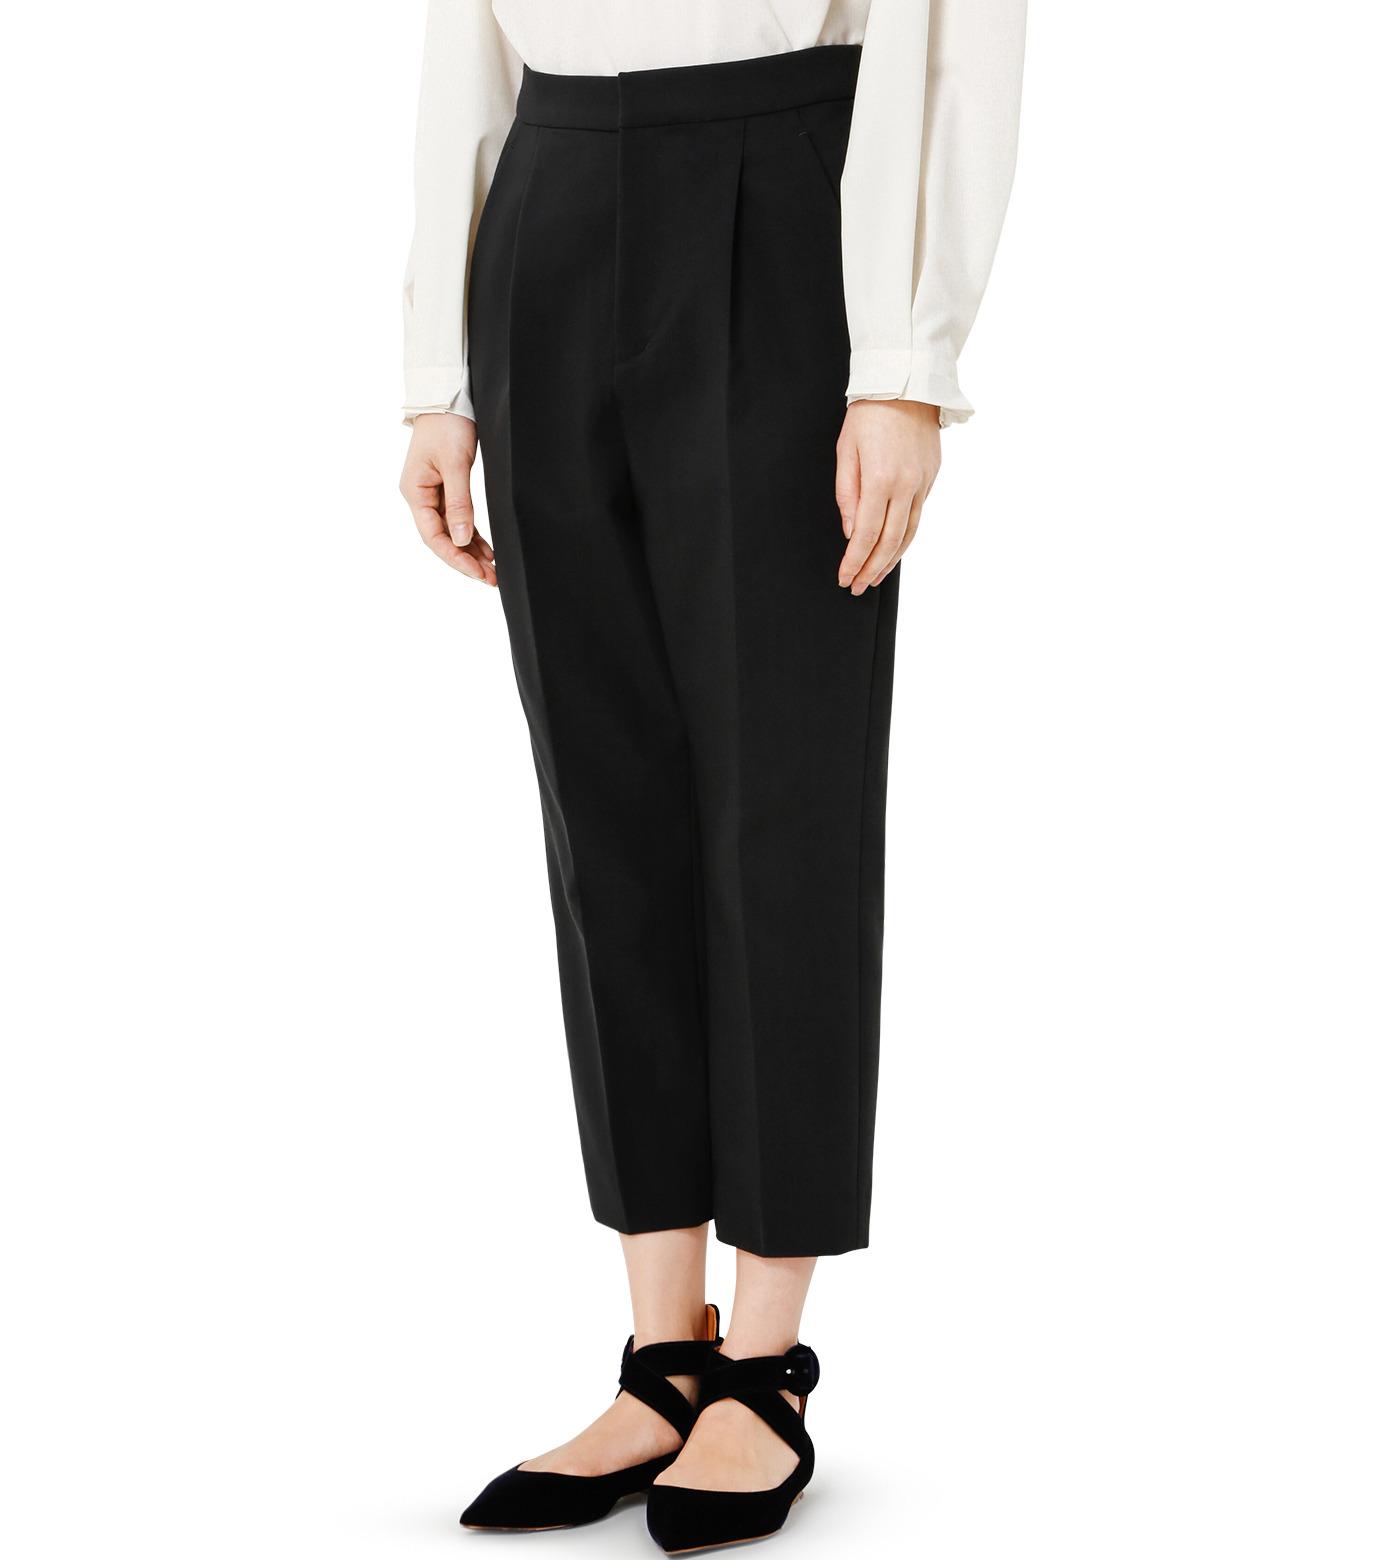 LE CIEL BLEU(ルシェルブルー)のクロップルーズパンツ-BLACK(パンツ/pants)-19S68102 拡大詳細画像3